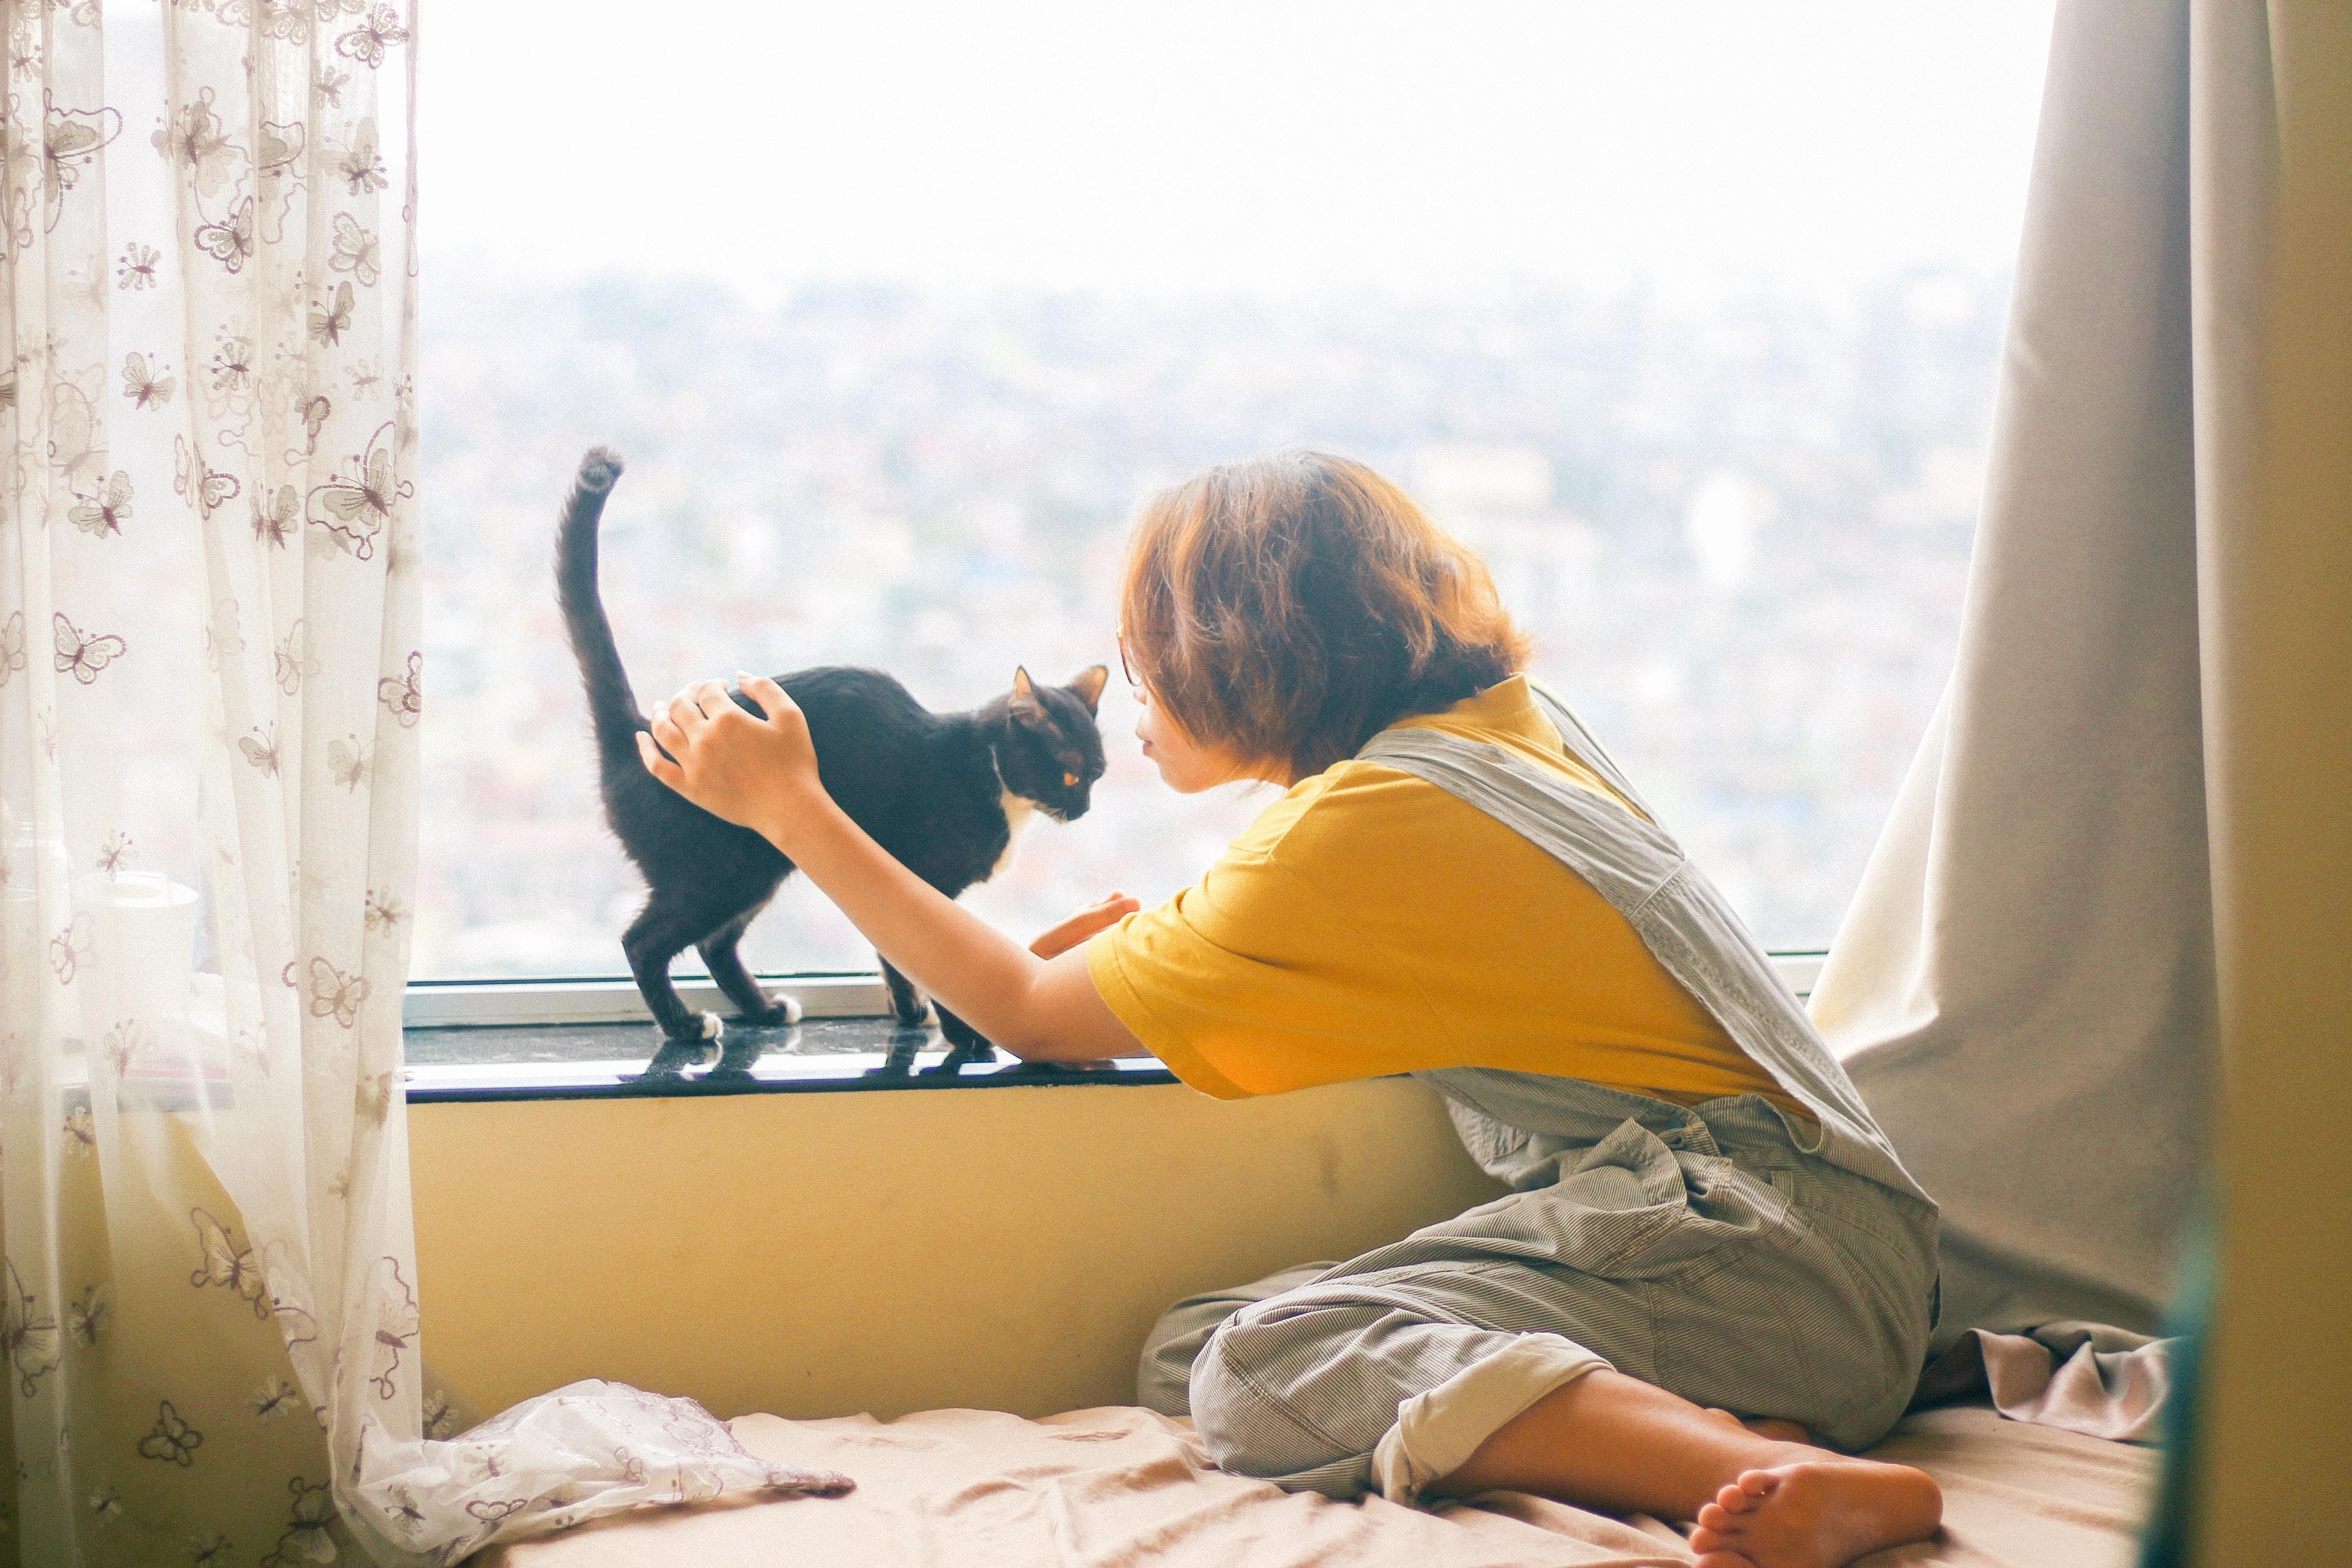 집사를 좋아하는 고양이